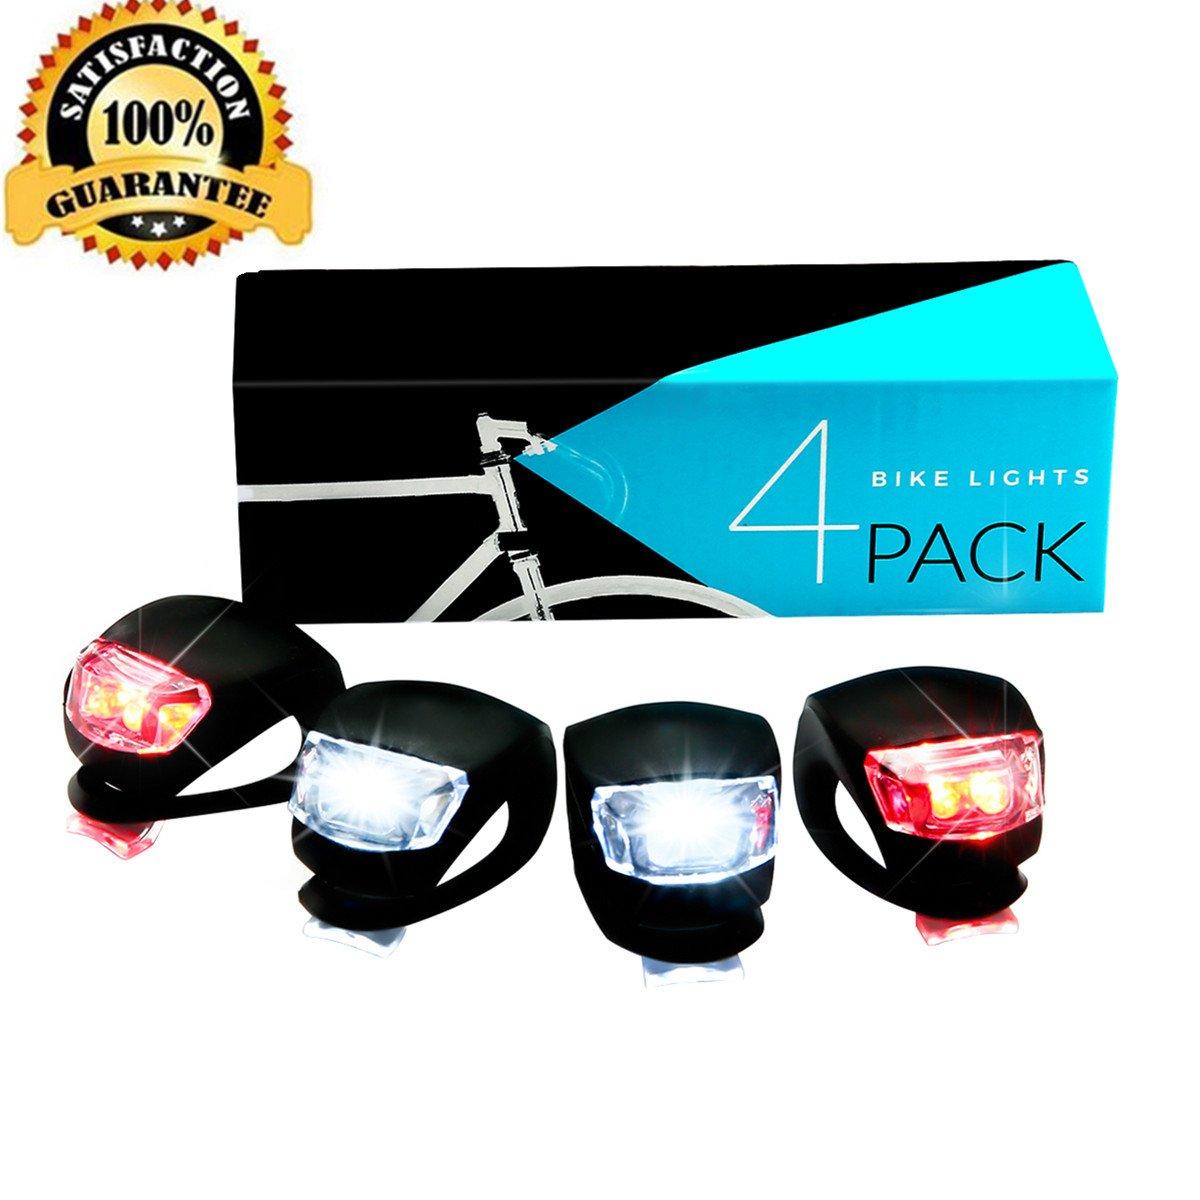 Bicicletta Luce 2/x Luce Rossa 2/x Pacchetto con luci Bianche Torcia Impermeabile in Silicone Set Luce Illuminazione di Sicurezza per Biciclette da Bambino Mountainbikes SGODDE LED Bike Light Set